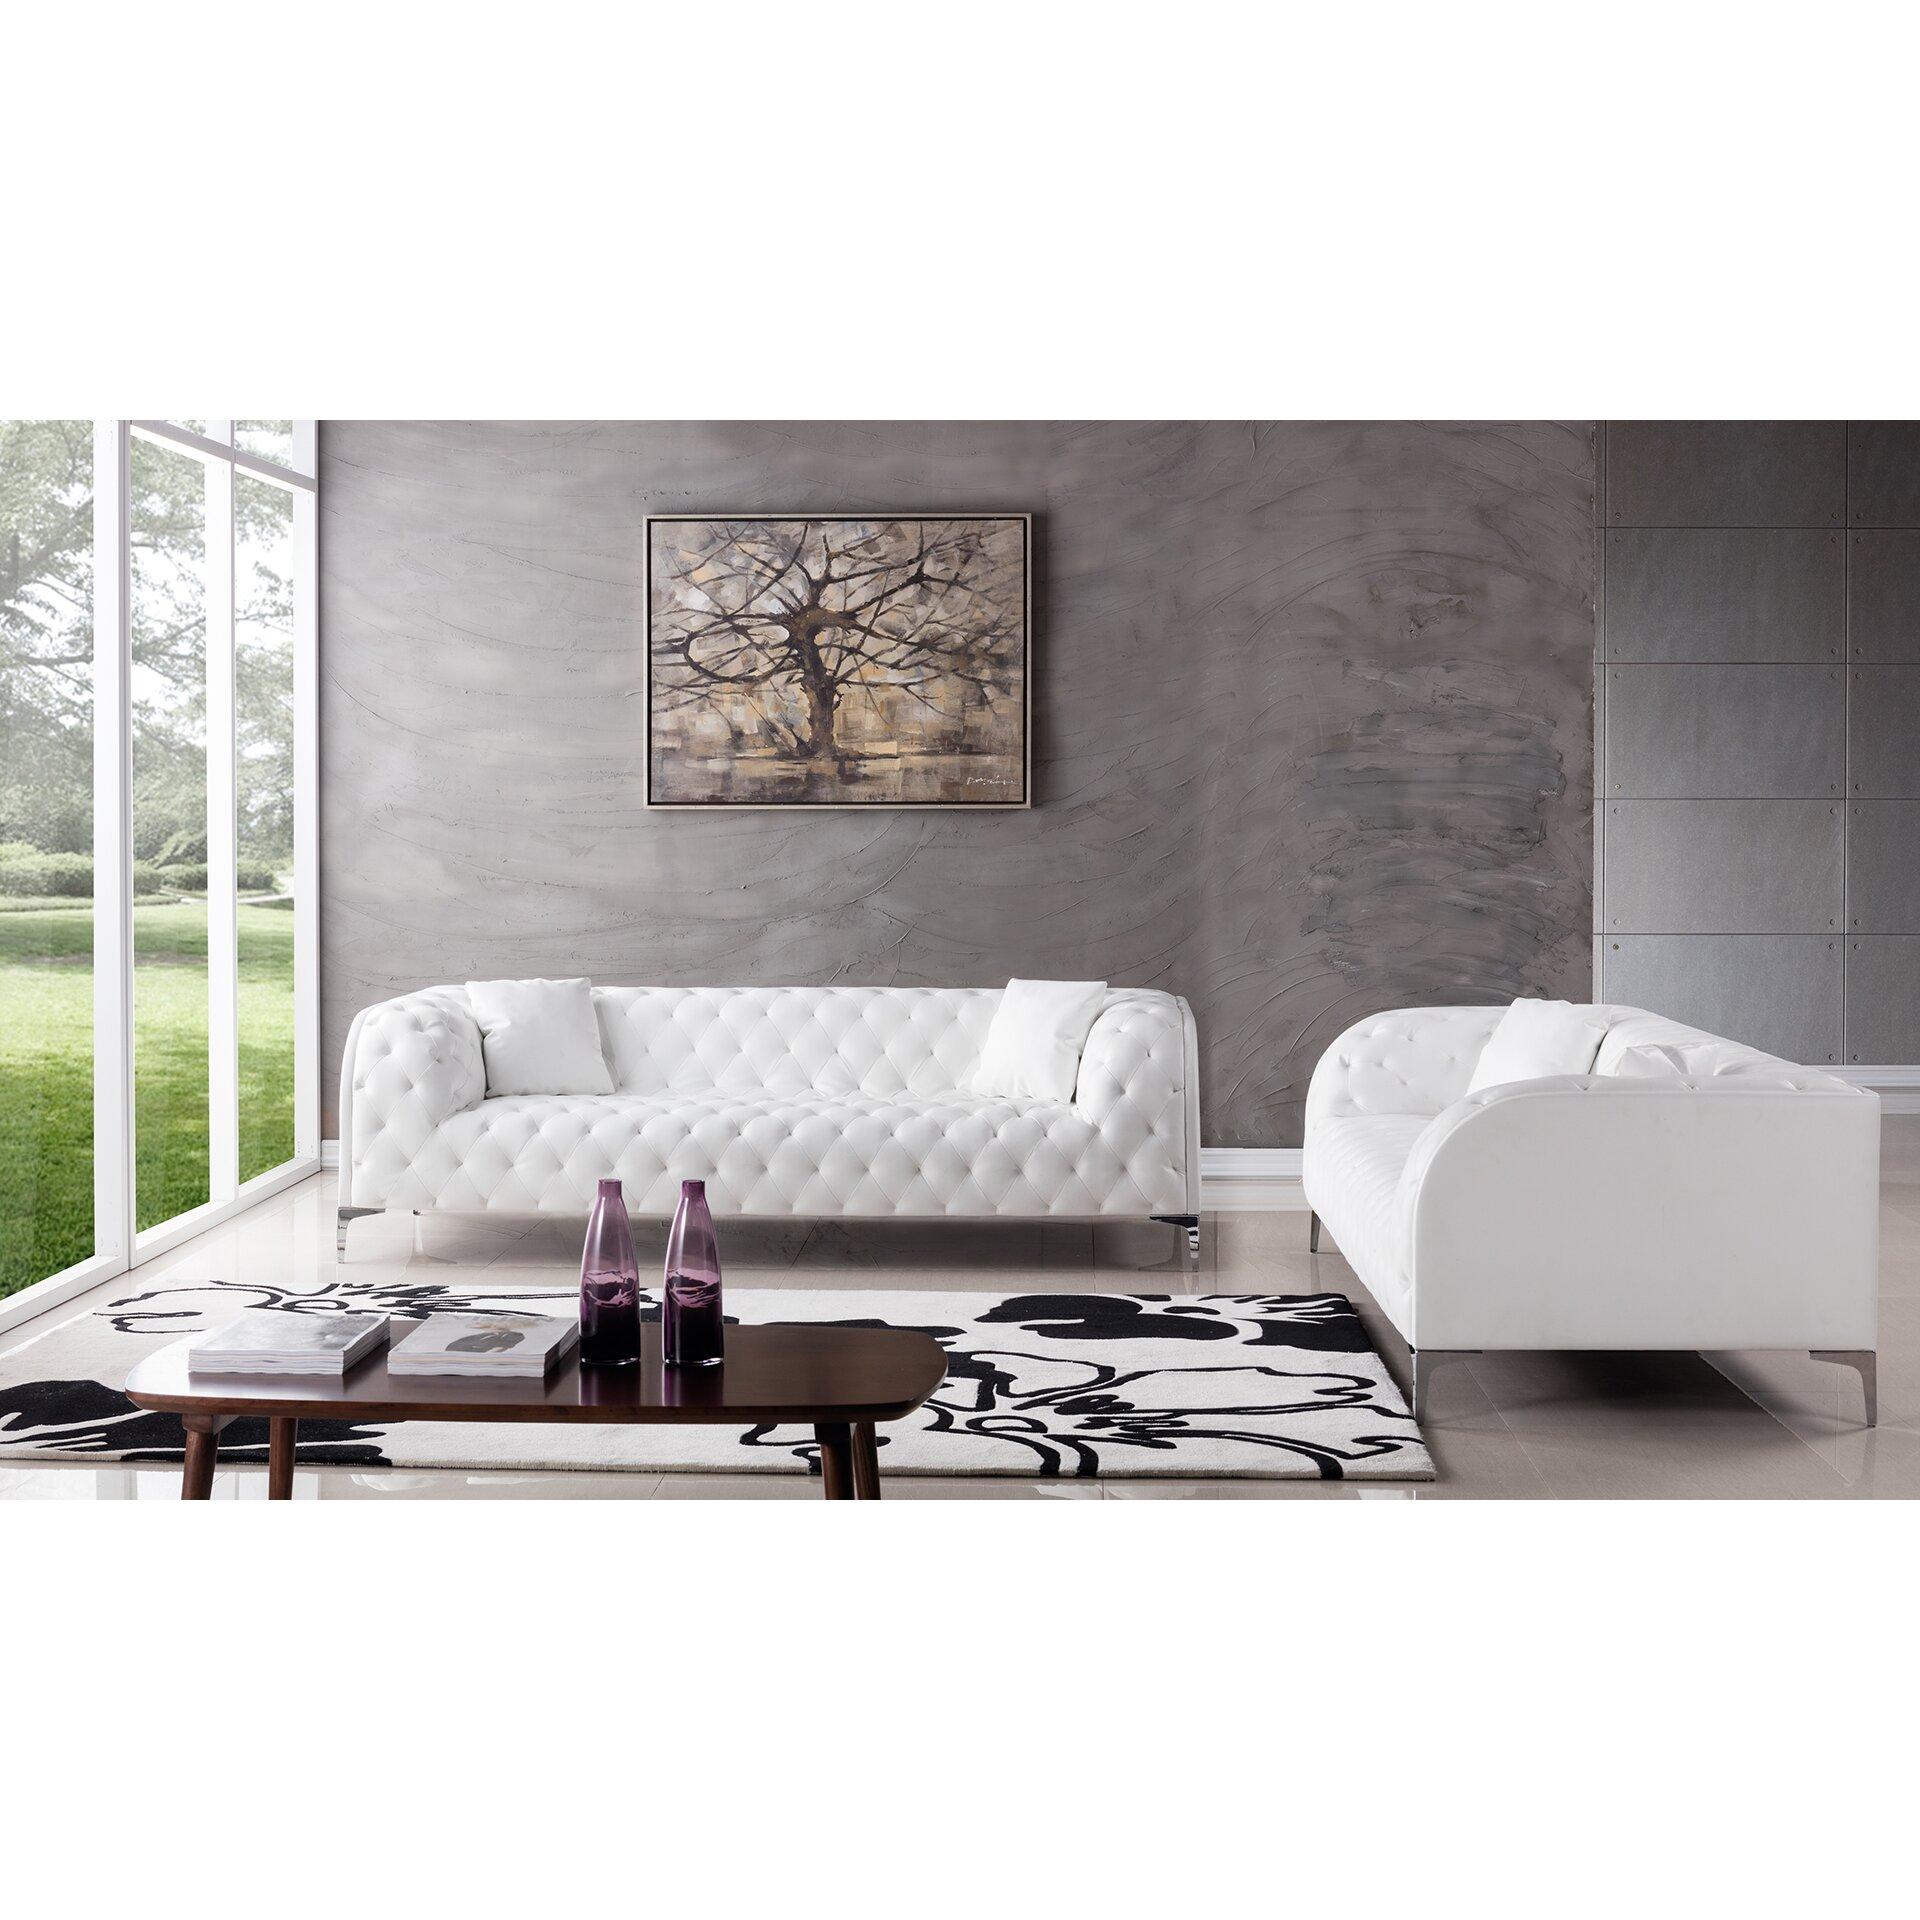 dobson 2 piece living room set allmodern